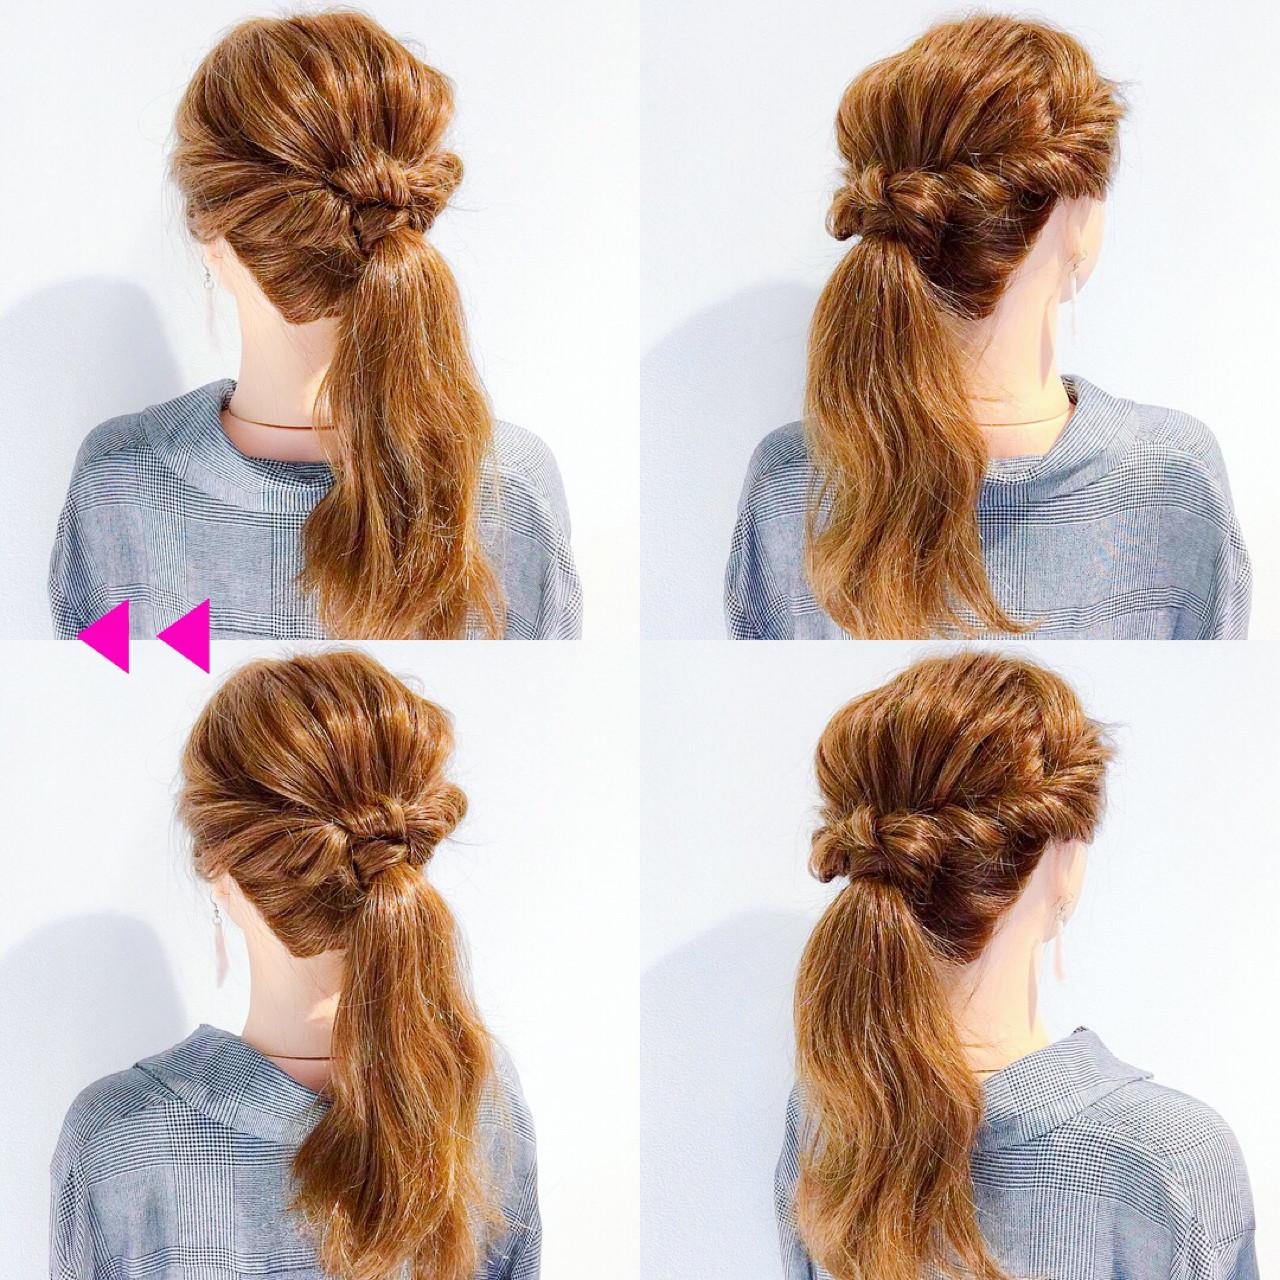 簡単ヘアアレンジ アウトドア オフィス ヘアアレンジ ヘアスタイルや髪型の写真・画像 | 美容師HIRO/Amoute代表 / Amoute/アムティ